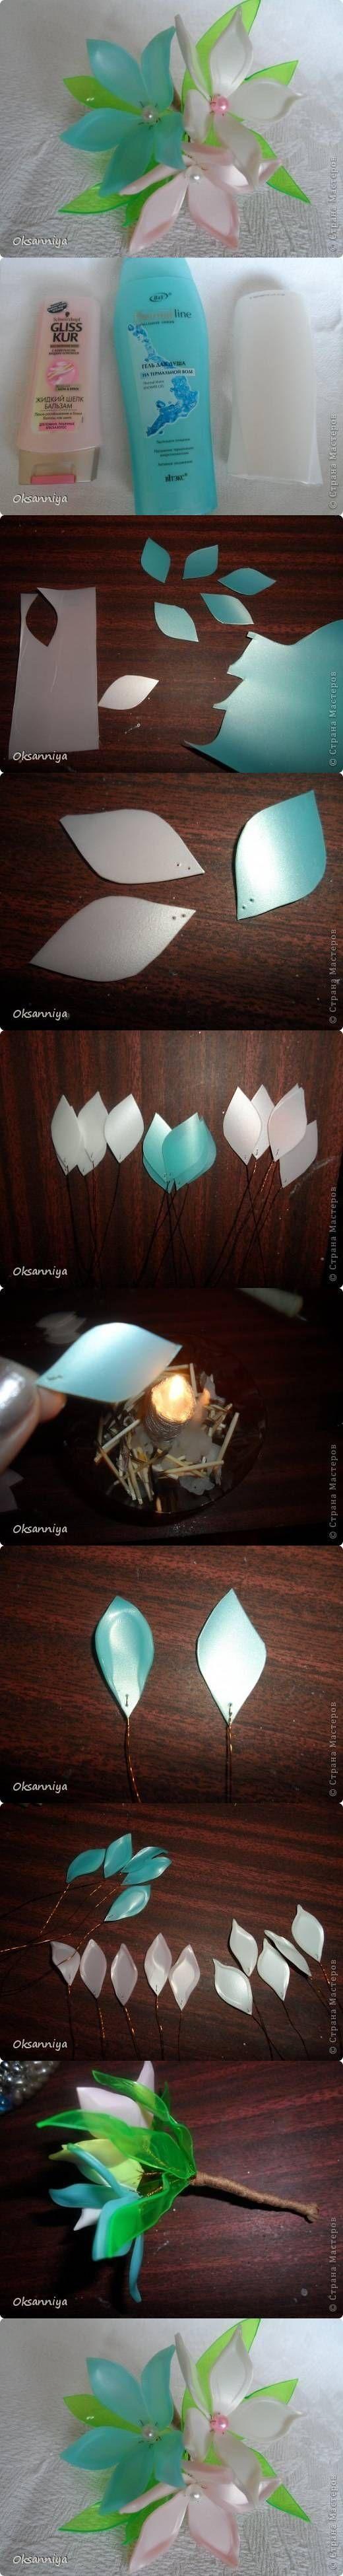 Cómo hacer flores con envases plásticos